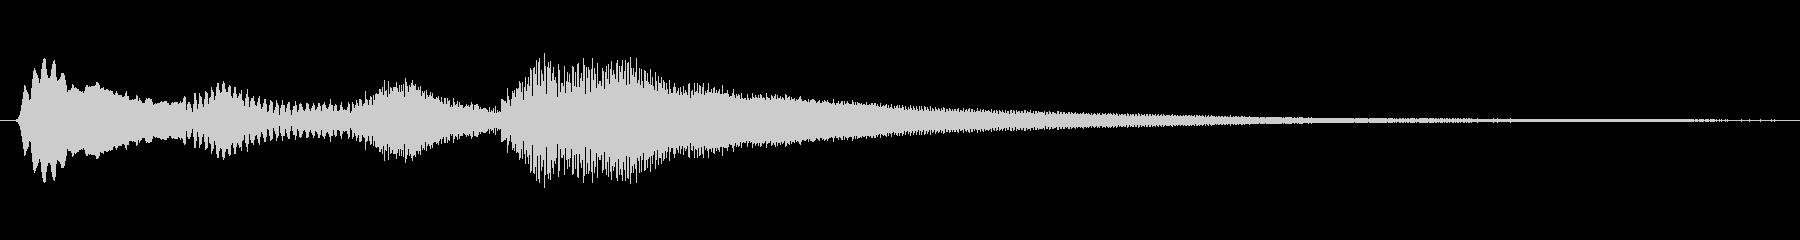 サウンドロゴやゲーム・映像・CMなどの未再生の波形